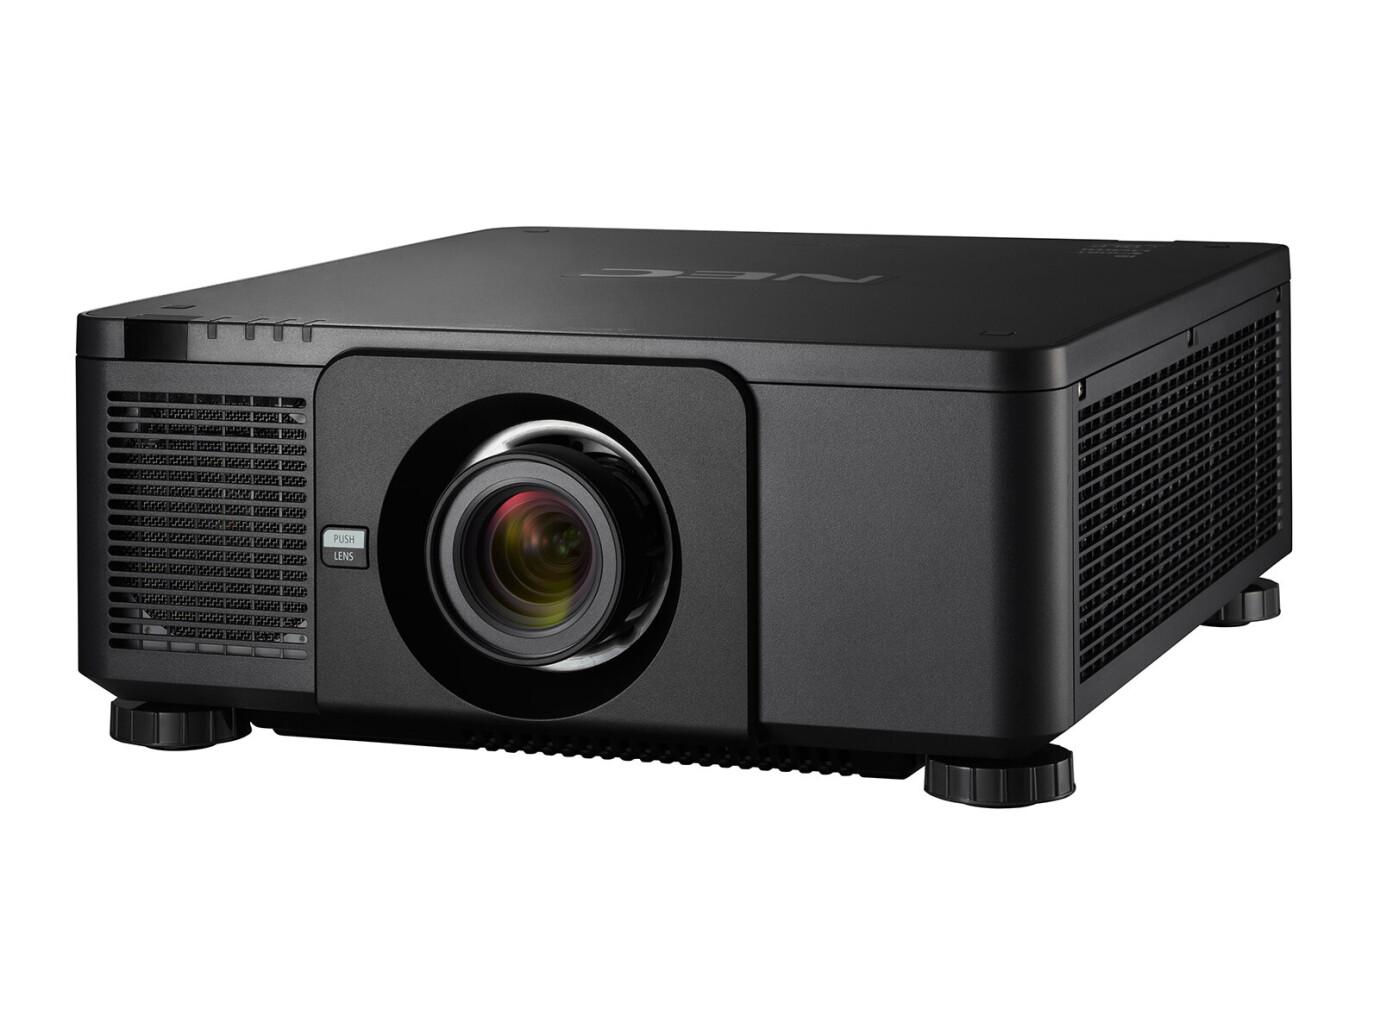 NEC PX1004UL-BK (ohne Objektiv)